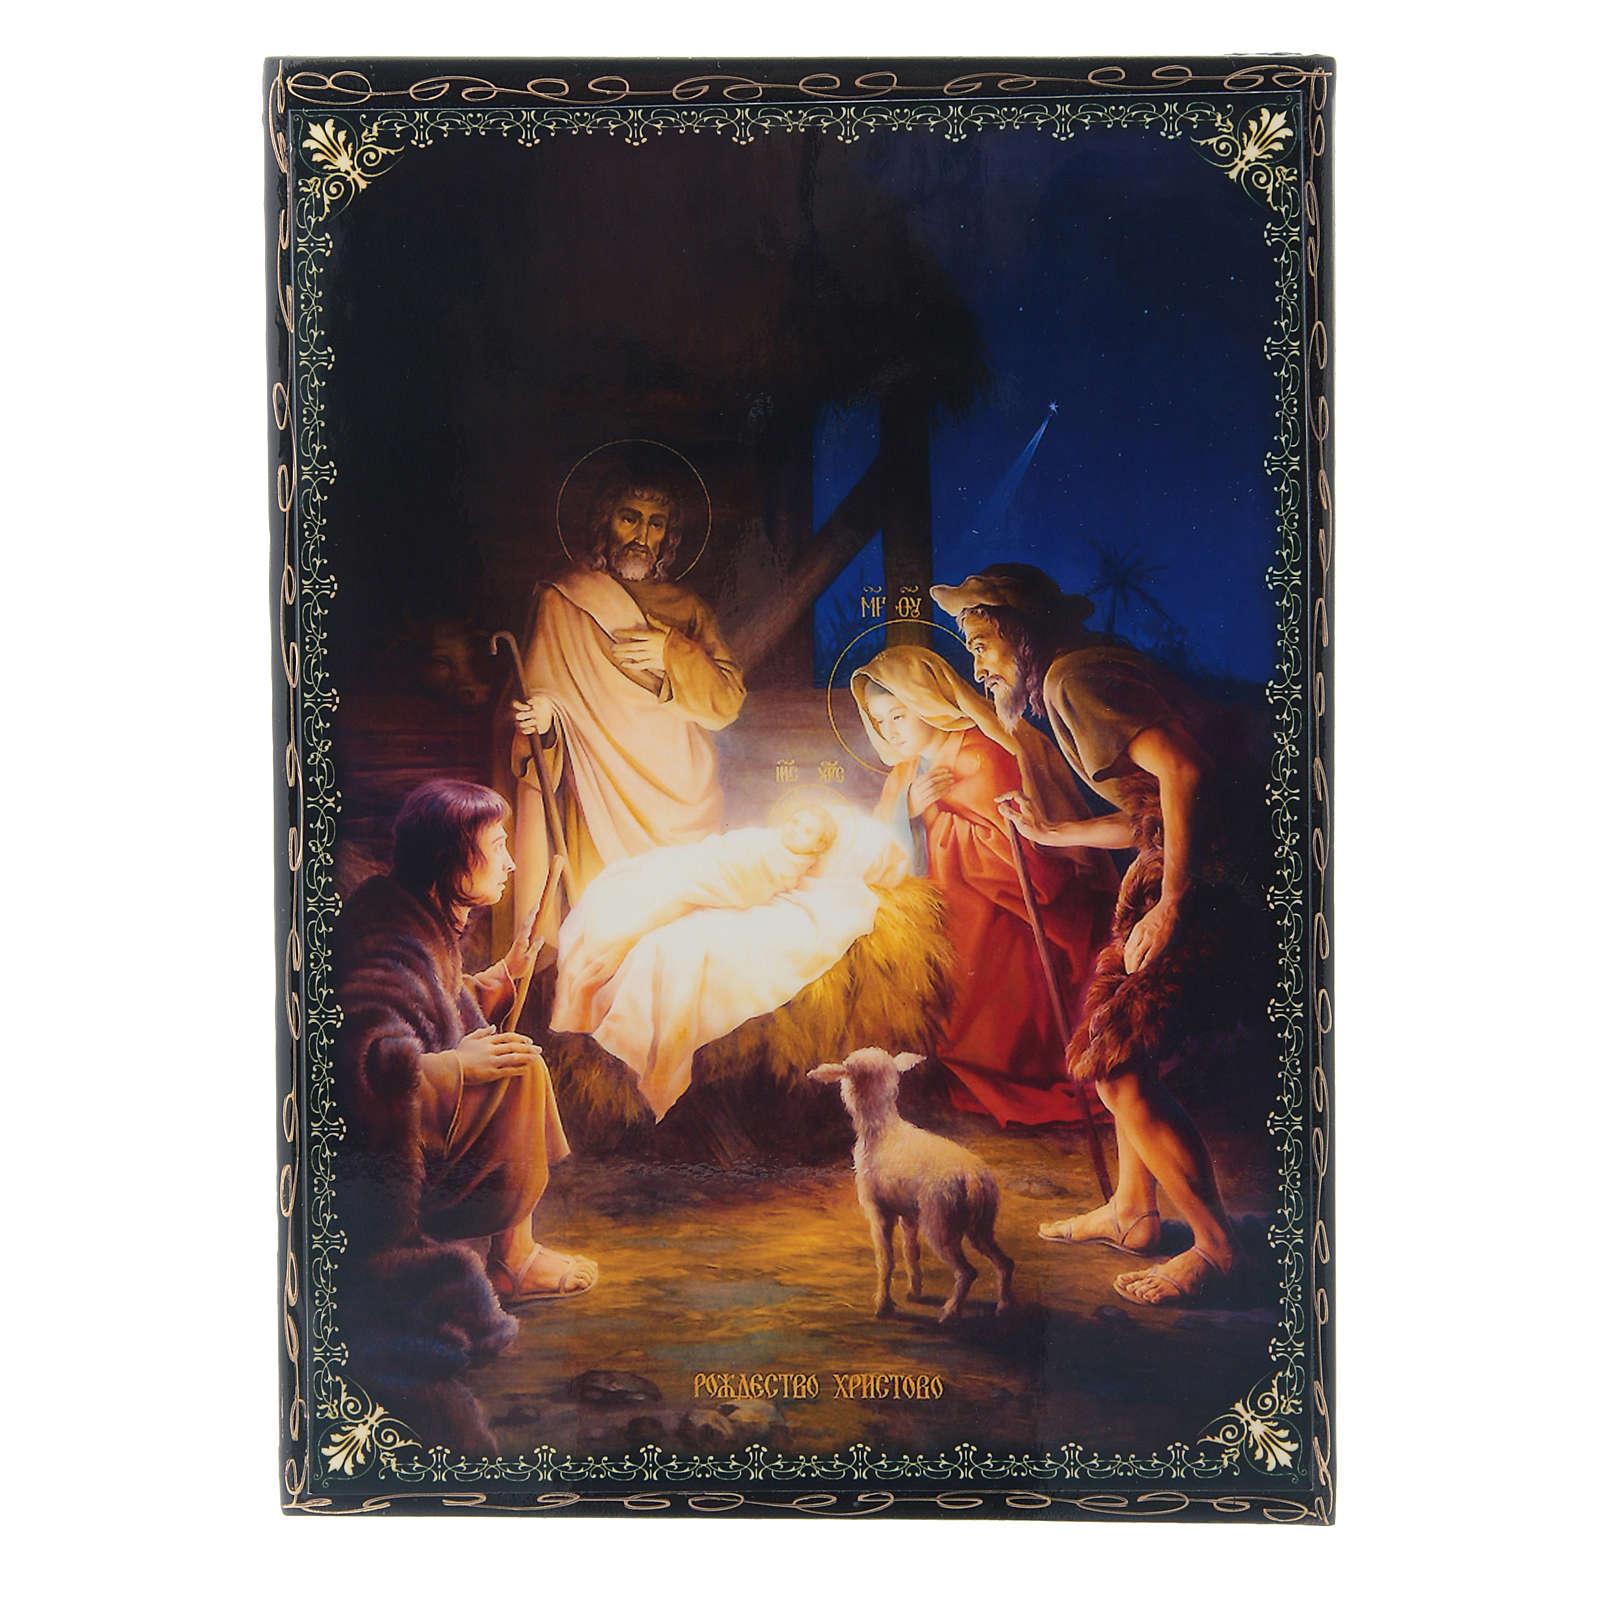 Scatoletta cartapesta decorata russa La Nascita di Gesù Cristo 22X16 cm 4